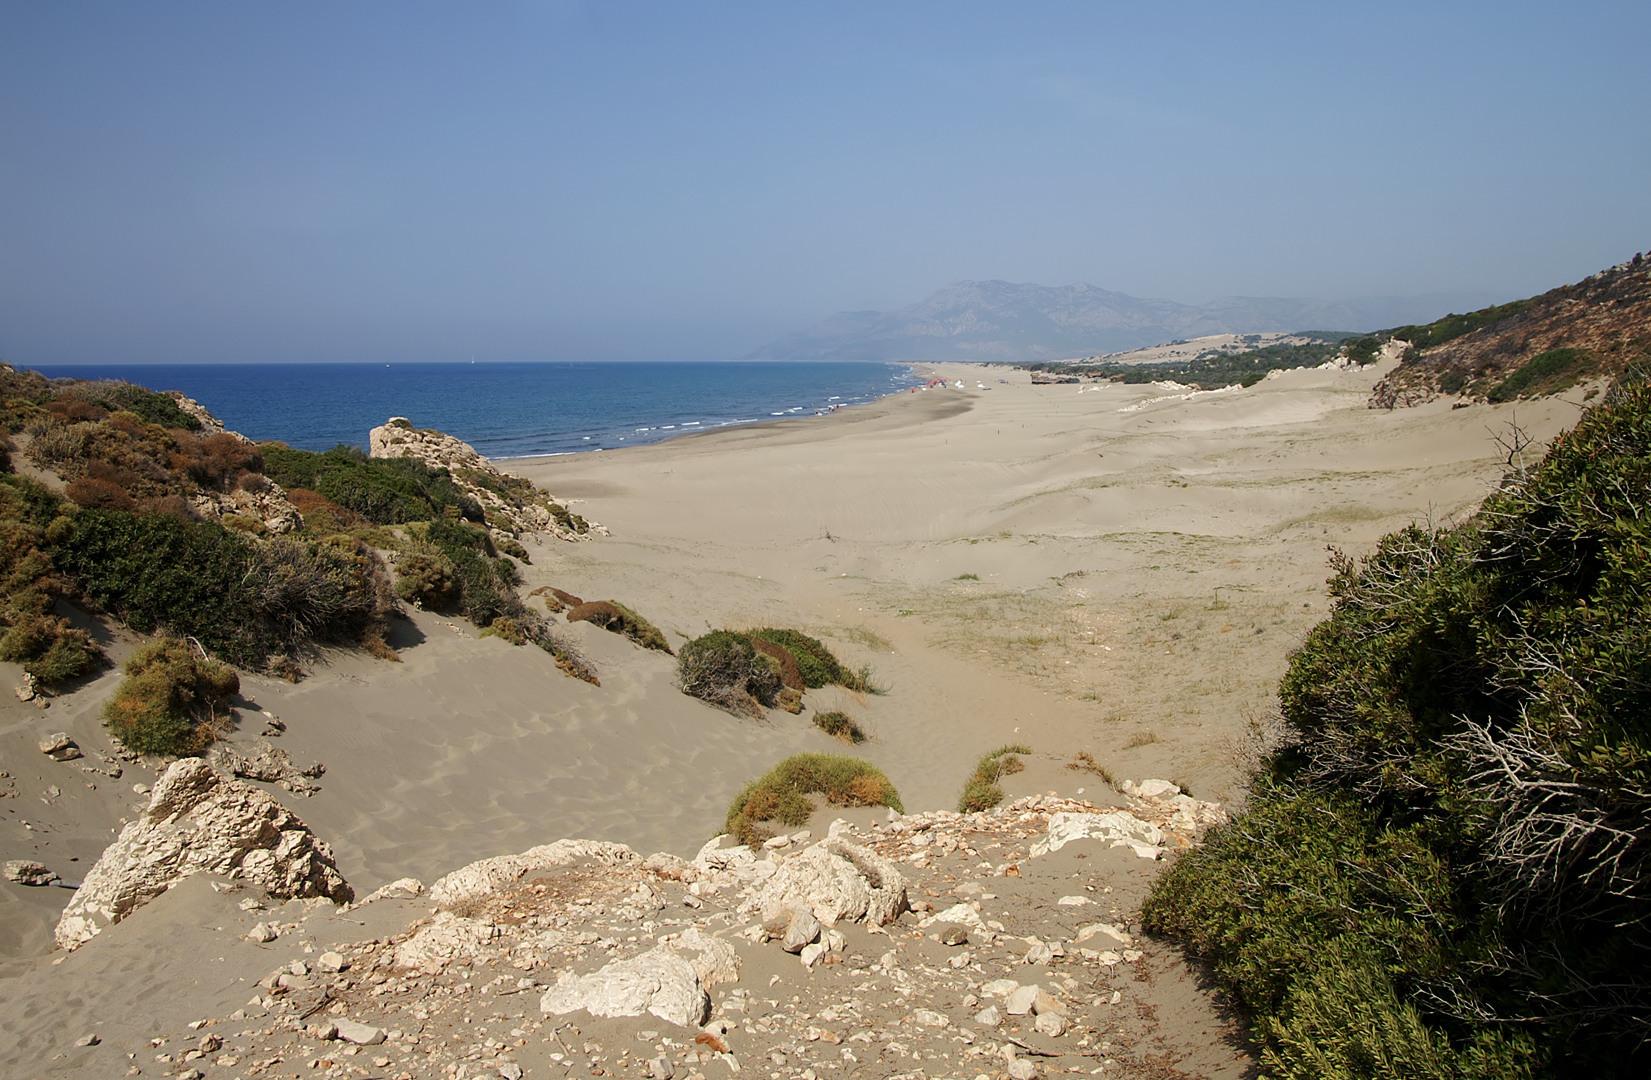 شاطئ باتارا فى تركيا